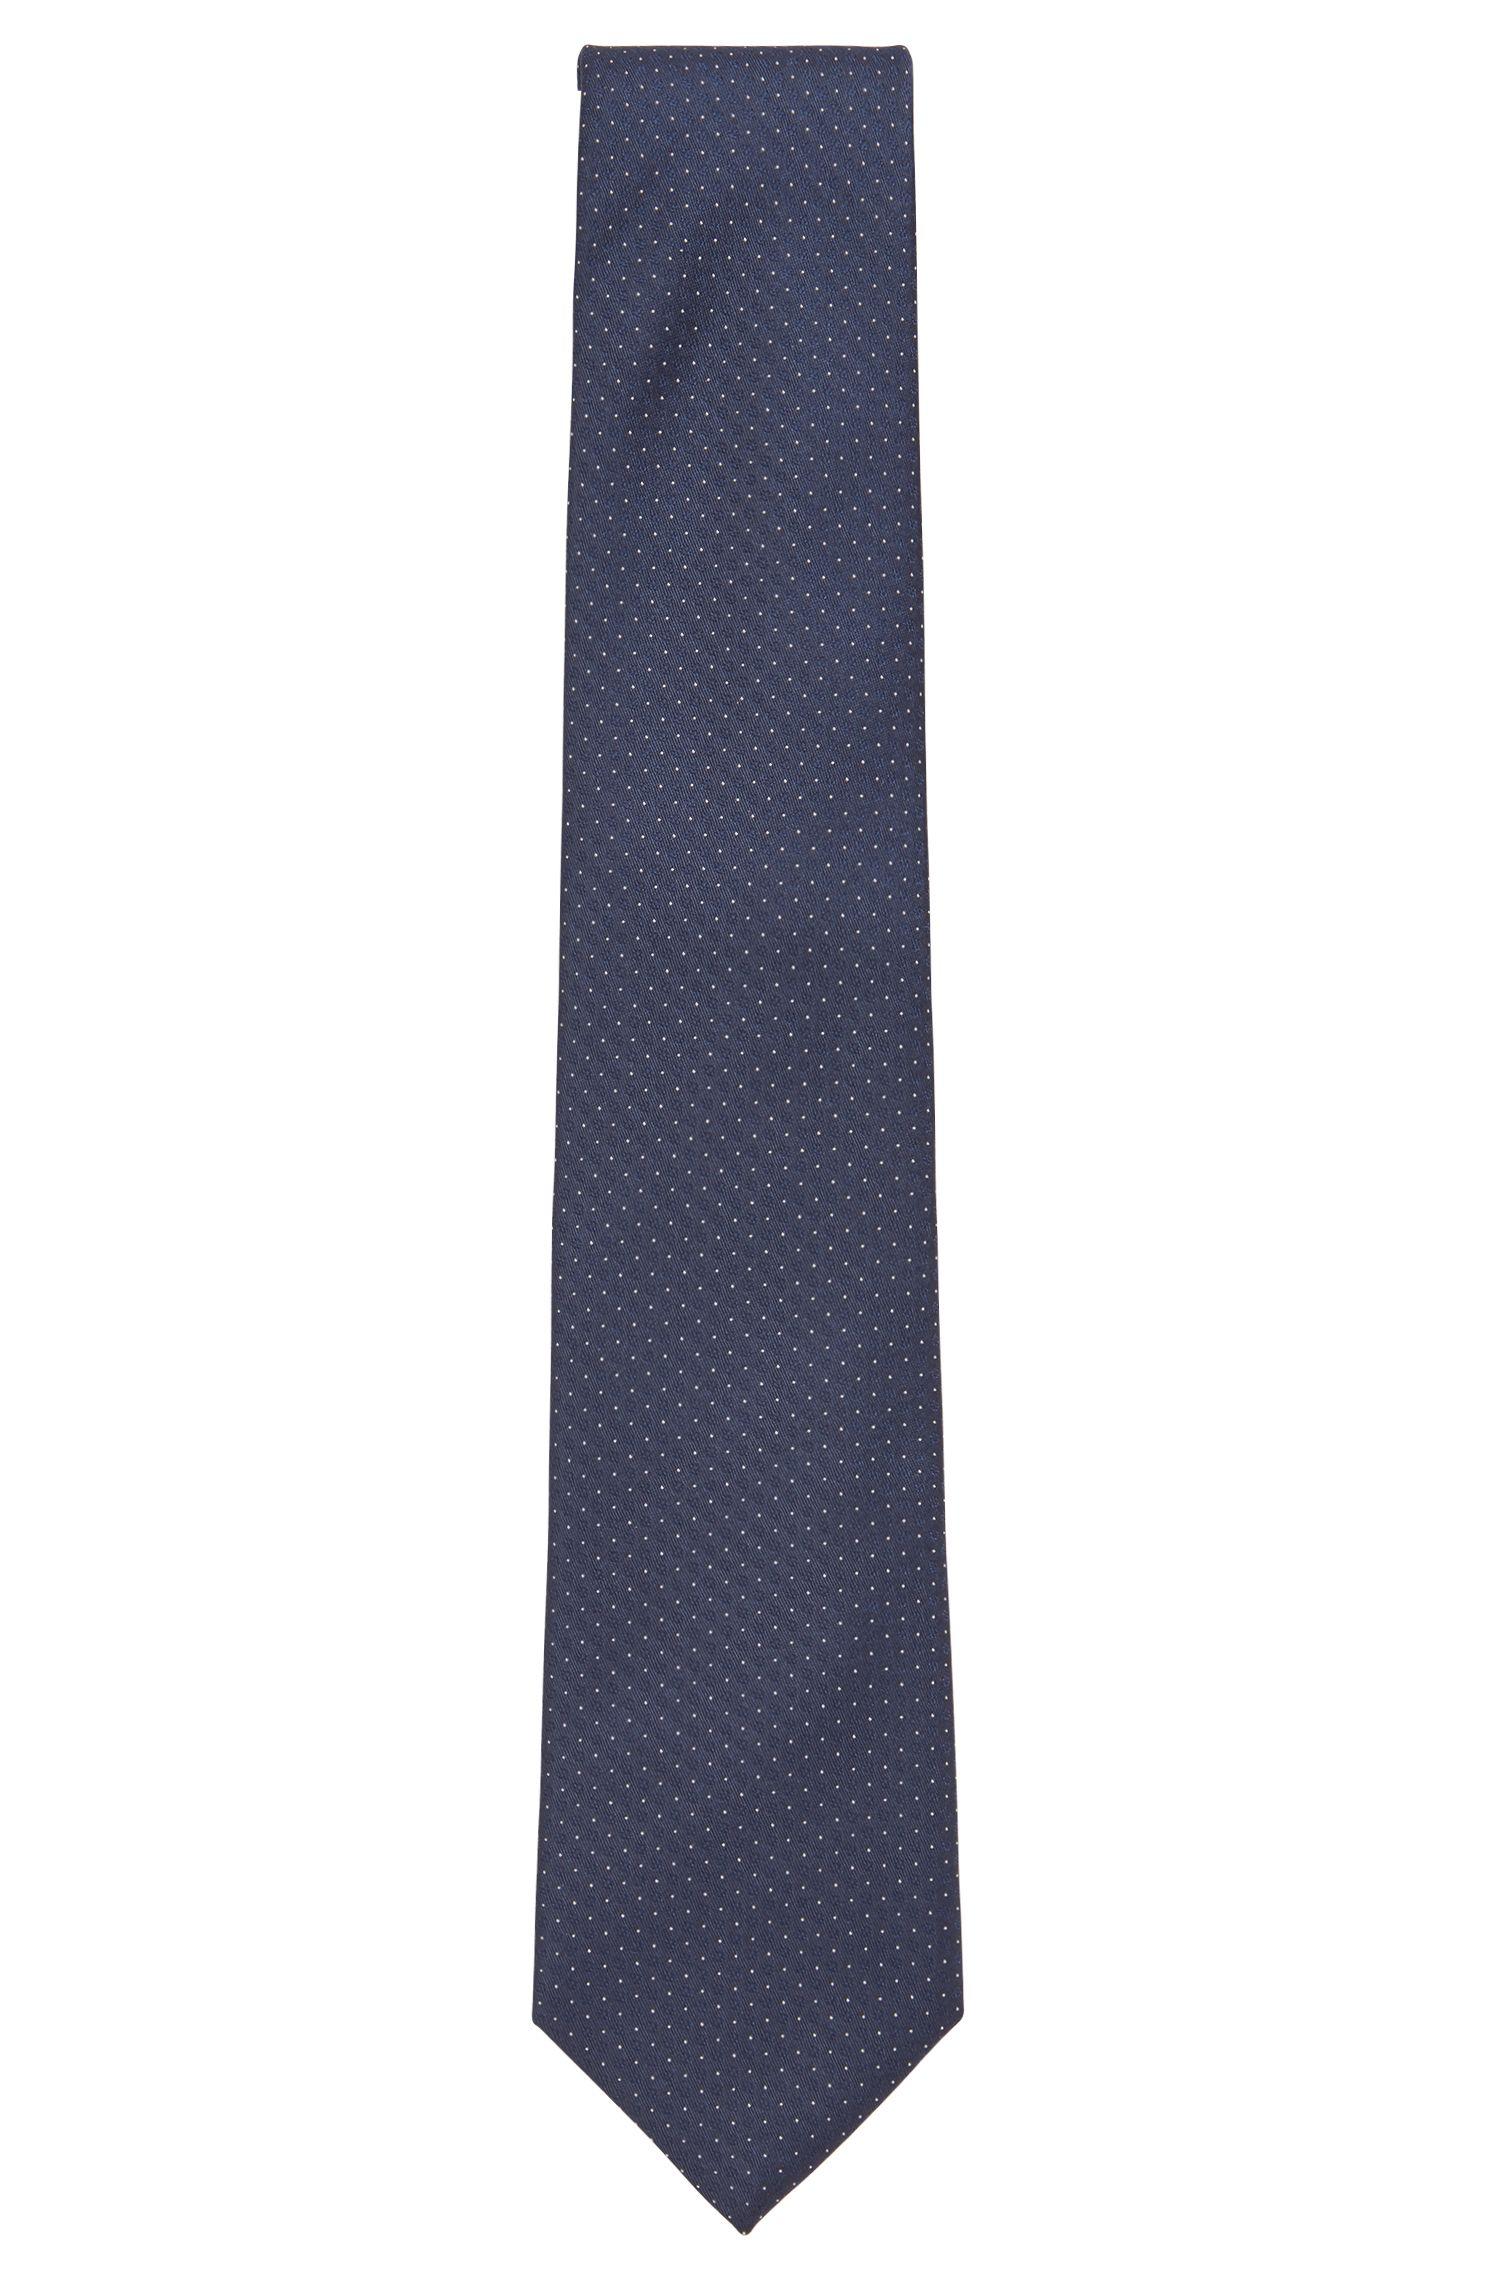 Cravate en jacquard de soie mélangée à micromotif, Bleu vif